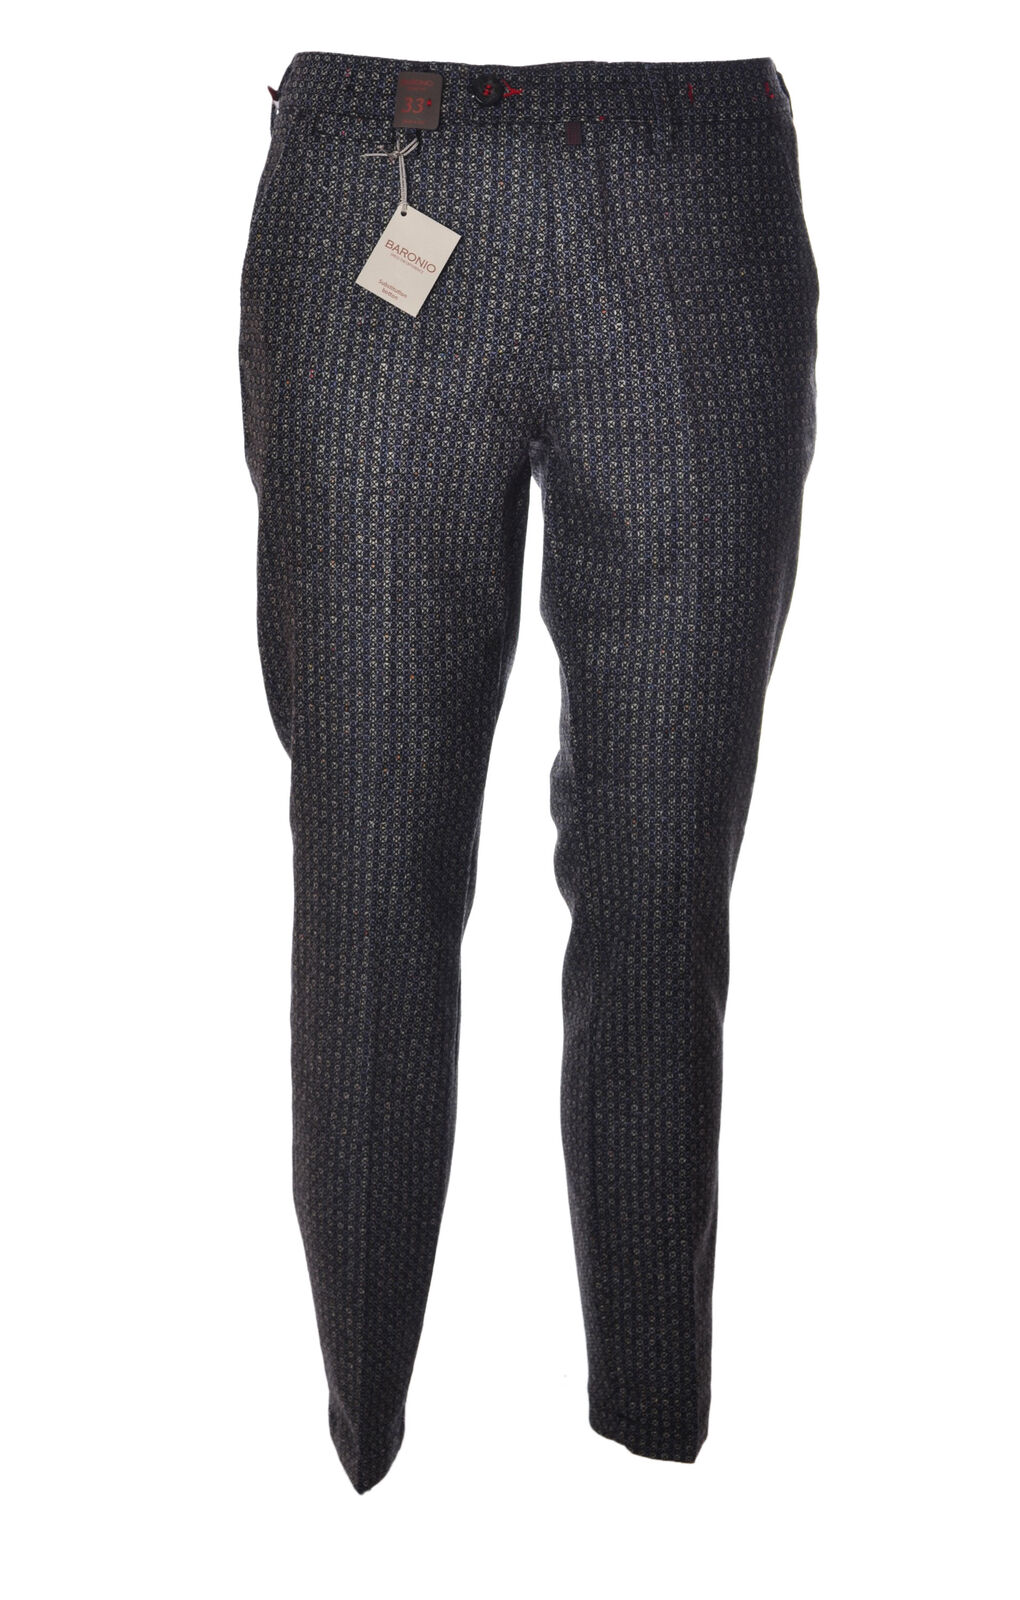 Baronio Baronio Baronio - Jeans-Pantaloni - Uomo - Fantasia - 4039411D191419 5fb42c